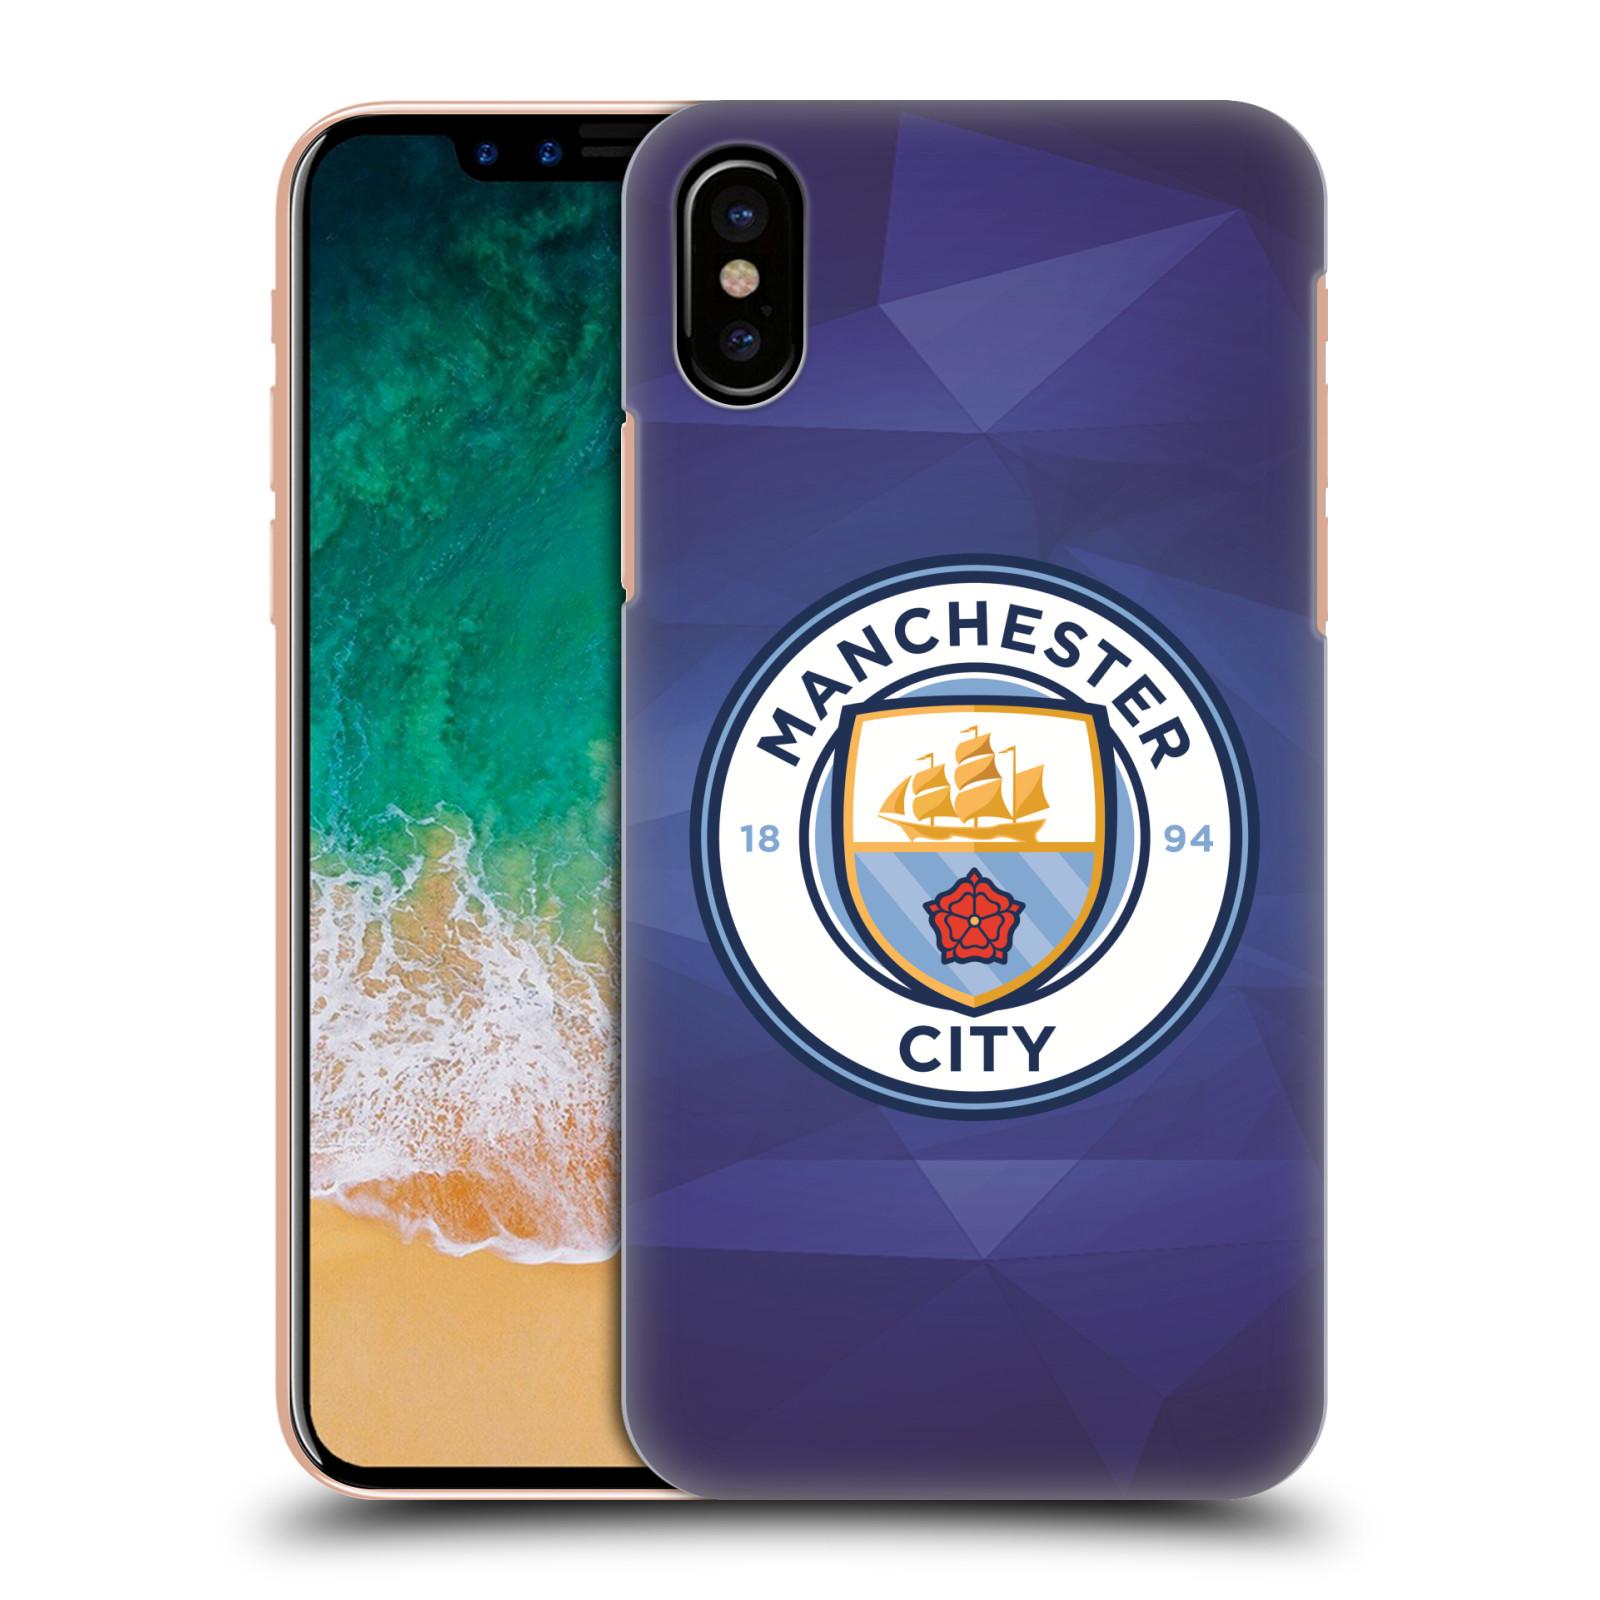 Plastové pouzdro na mobil Apple iPhone X - Head Case - Manchester City FC - Modré nové logo (Plastový kryt či obal na mobilní telefon Apple iPhone X s motivem Manchester City FC - Modré nové logo)